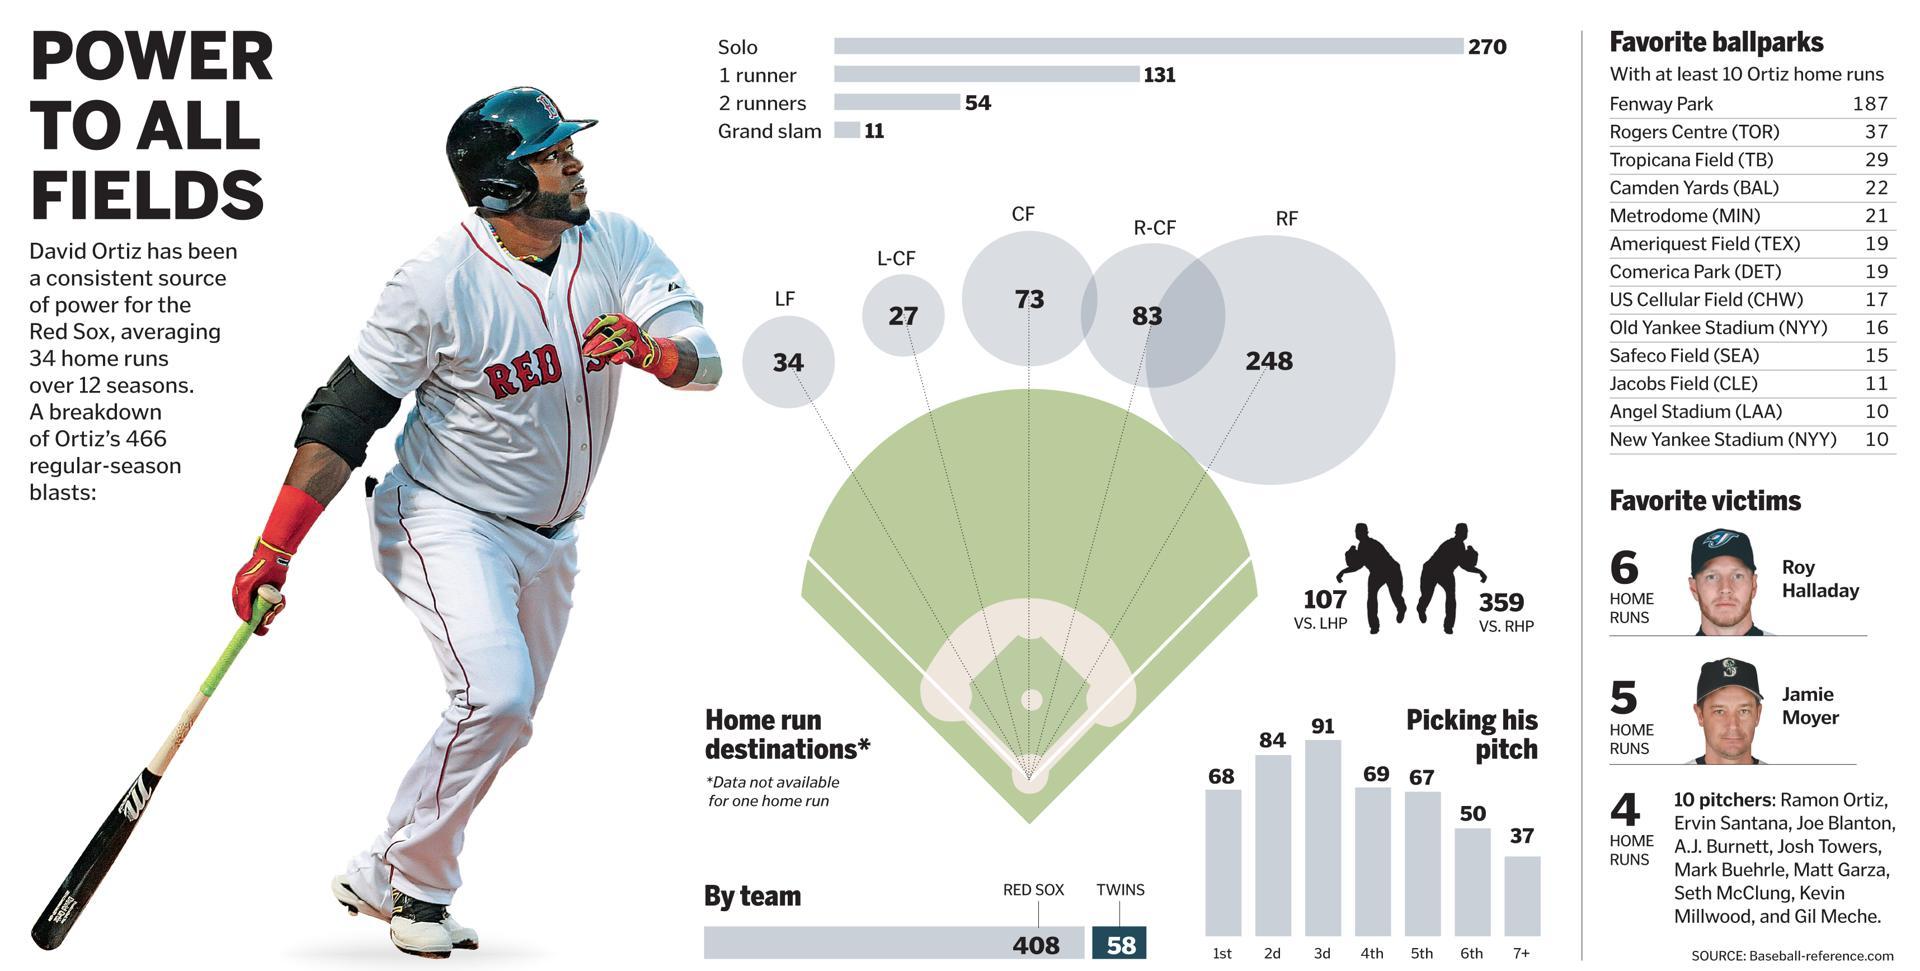 A look at Ortiz's home runs